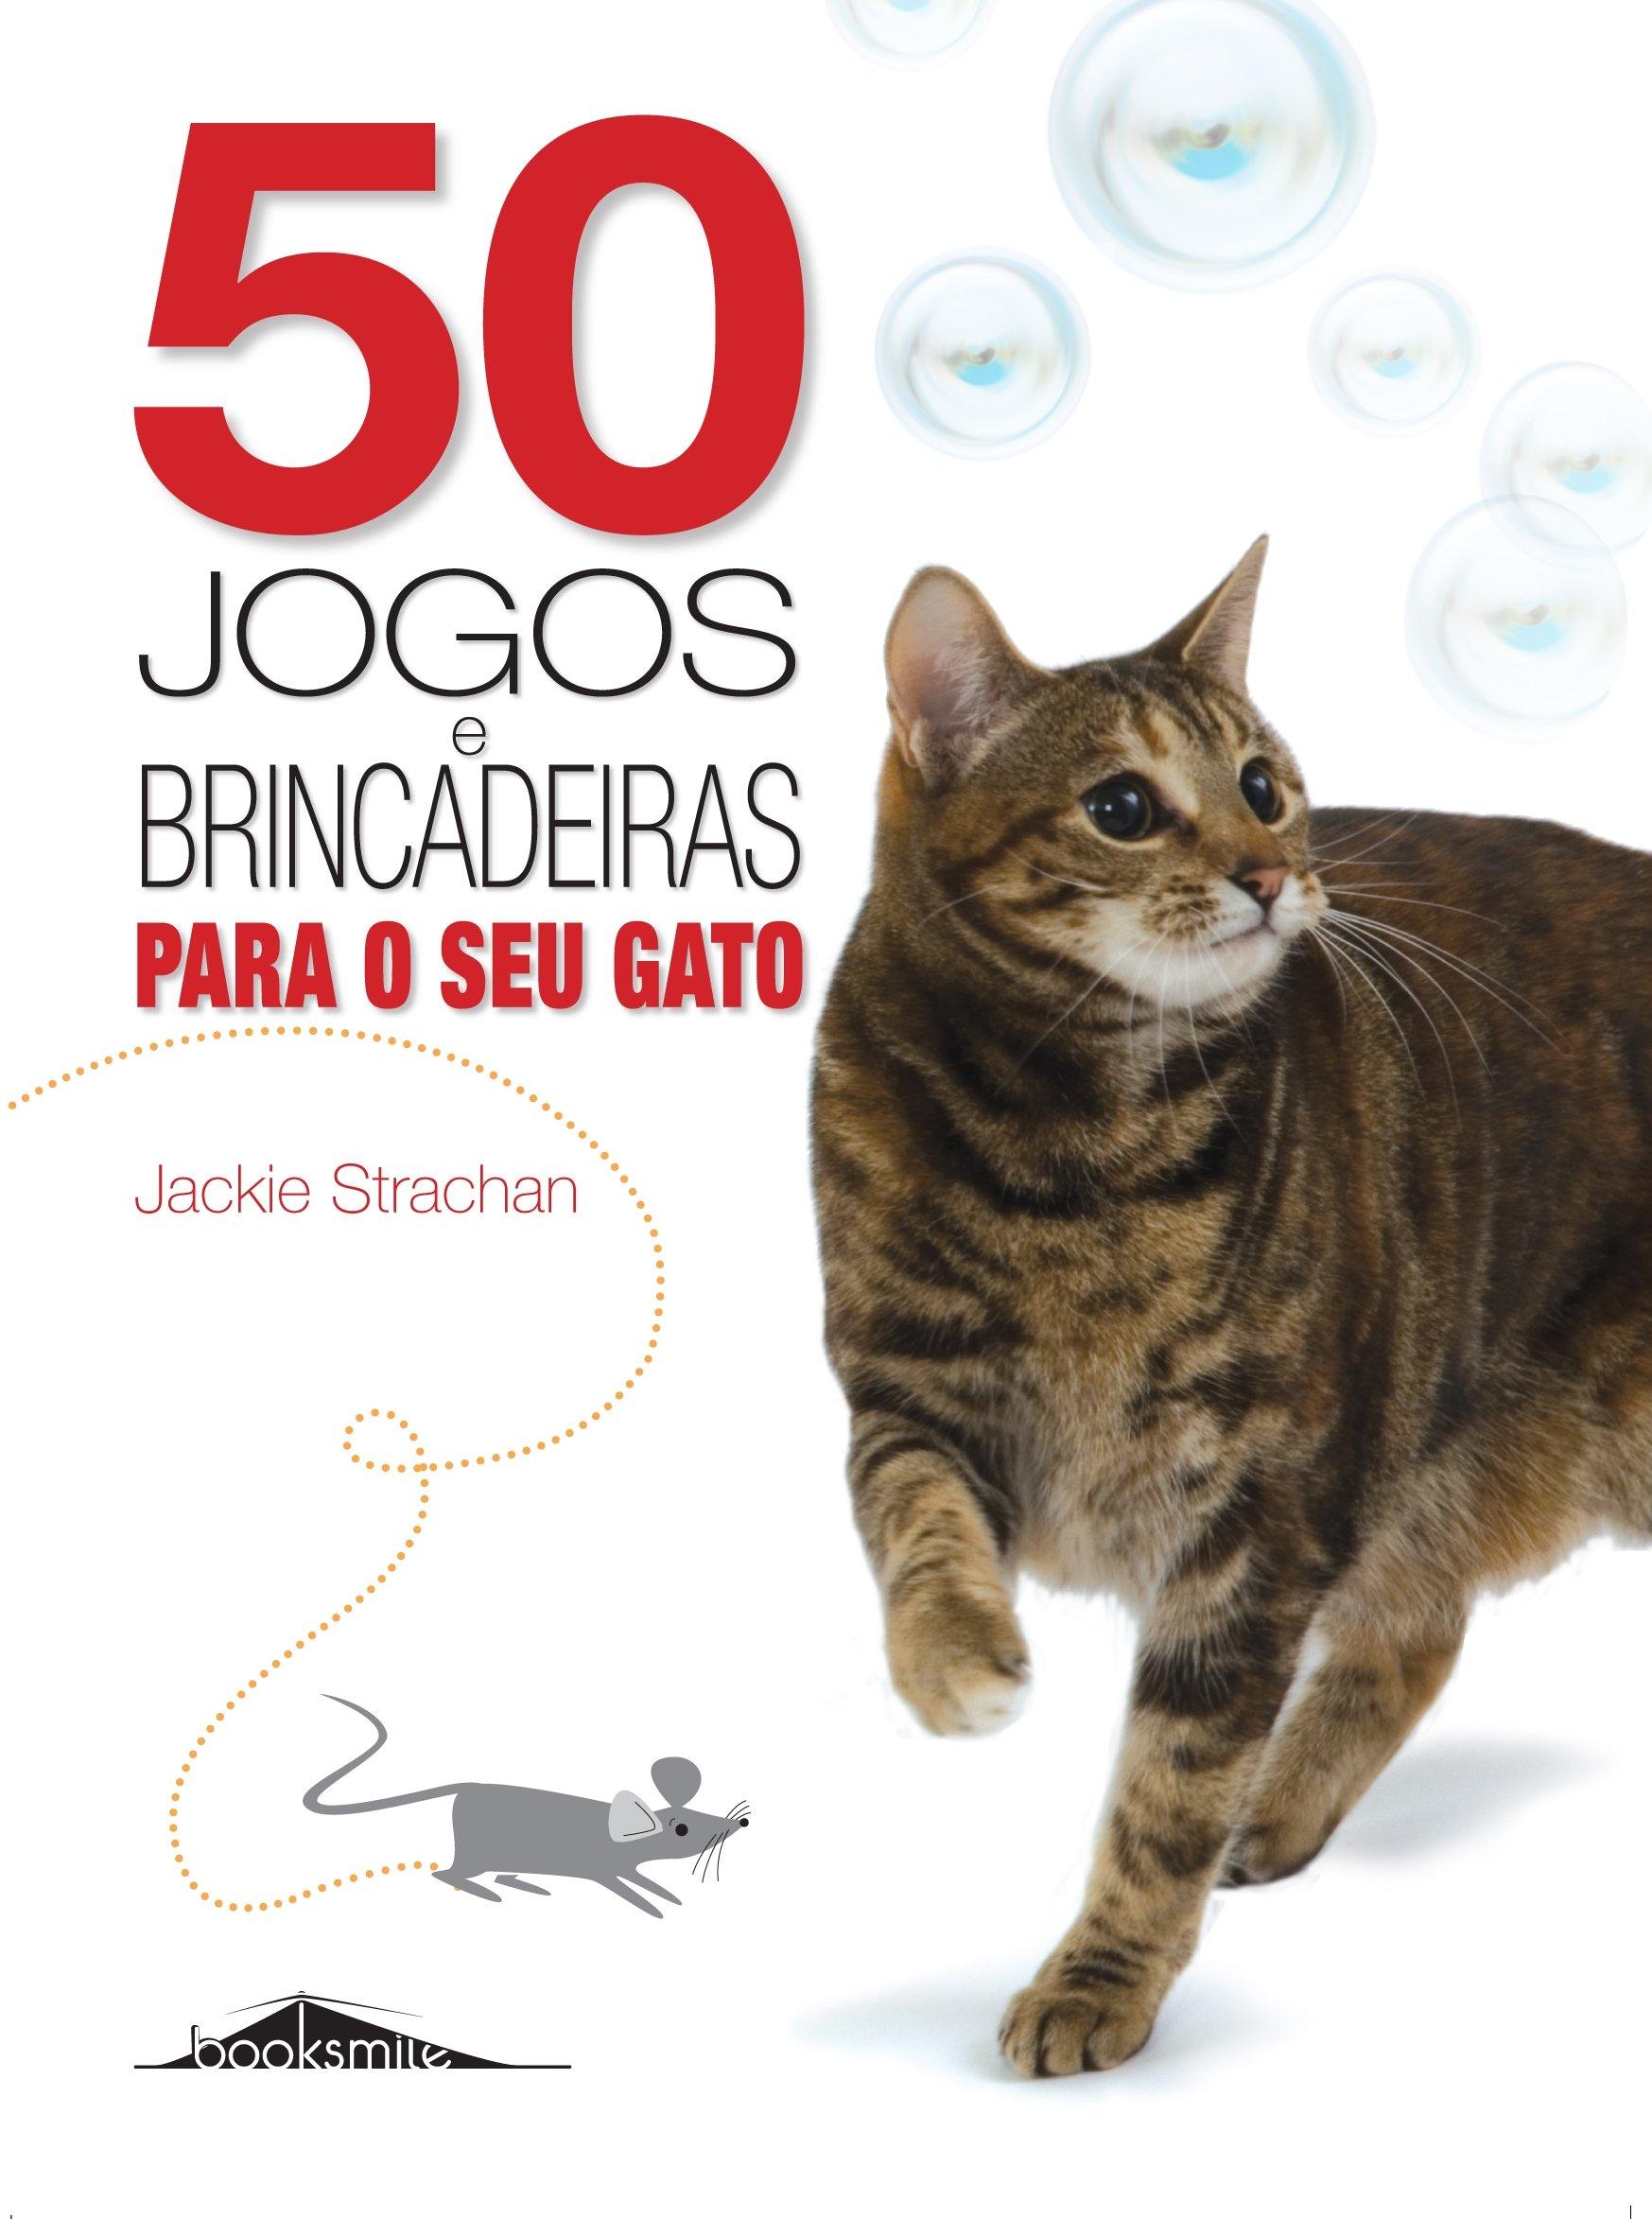 50 Jogos e Brincadeiras para o Seu Gato Paperback – June 8, 2010